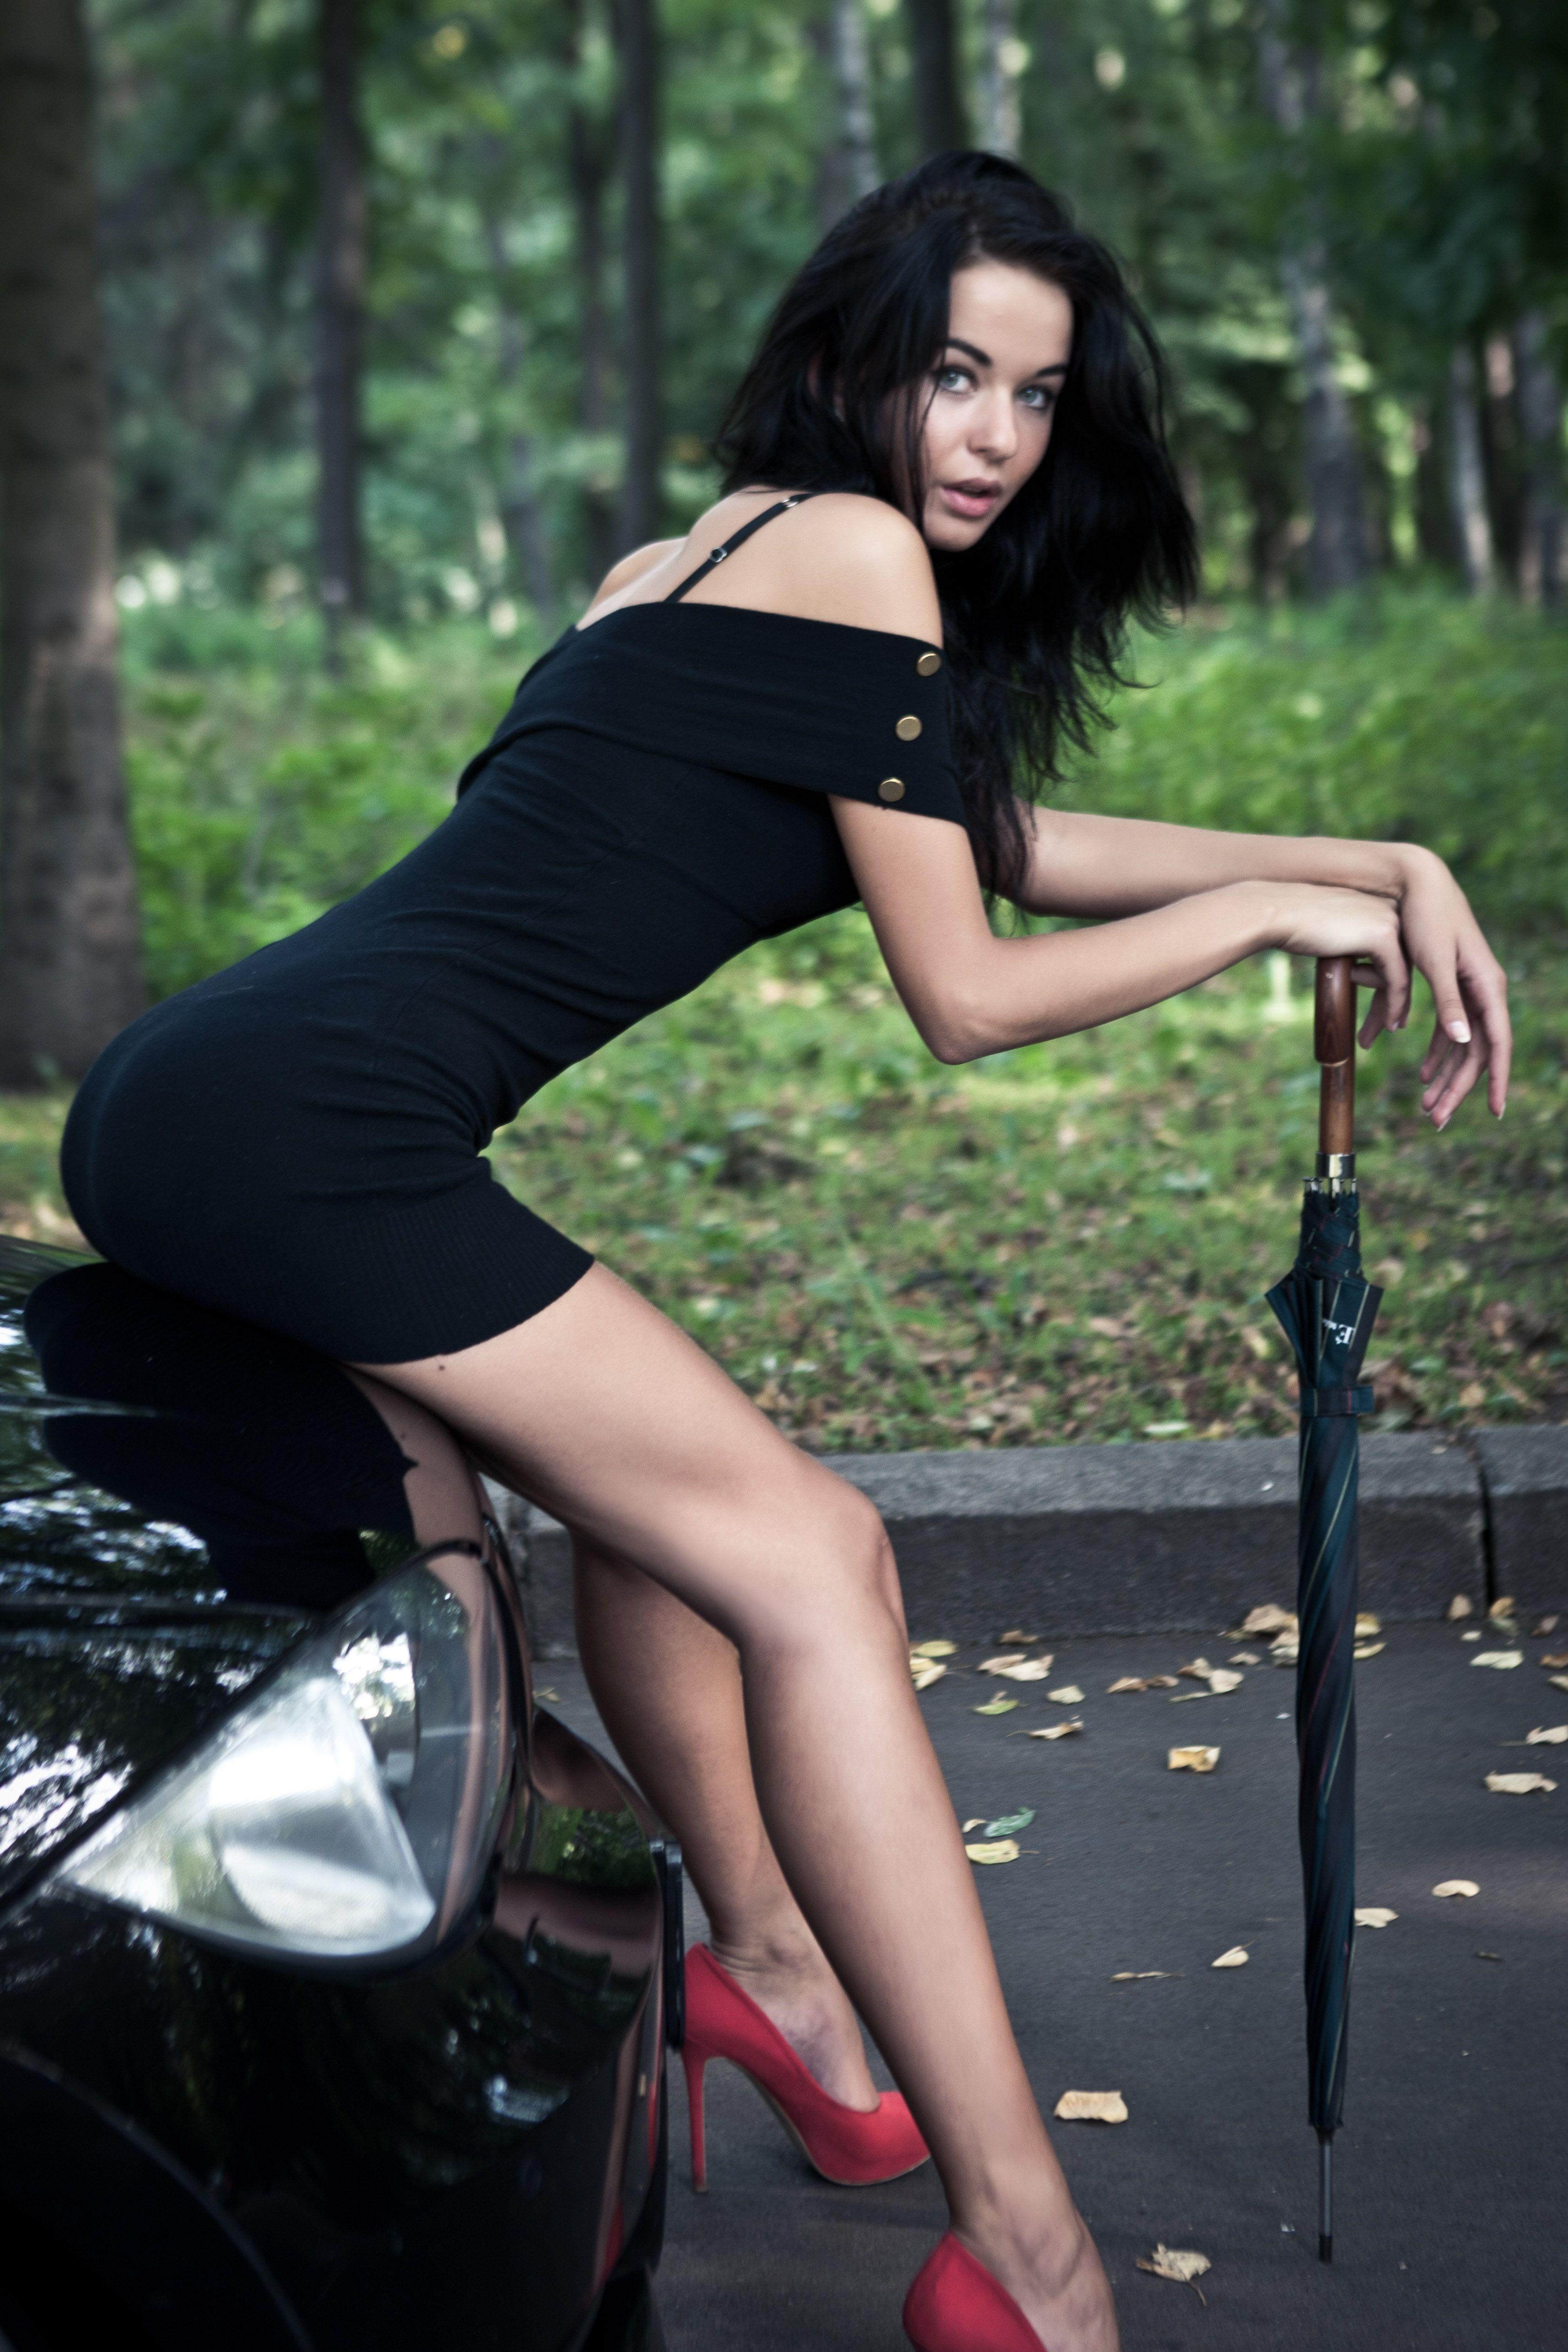 Фото иркутск девушек 19 фотография